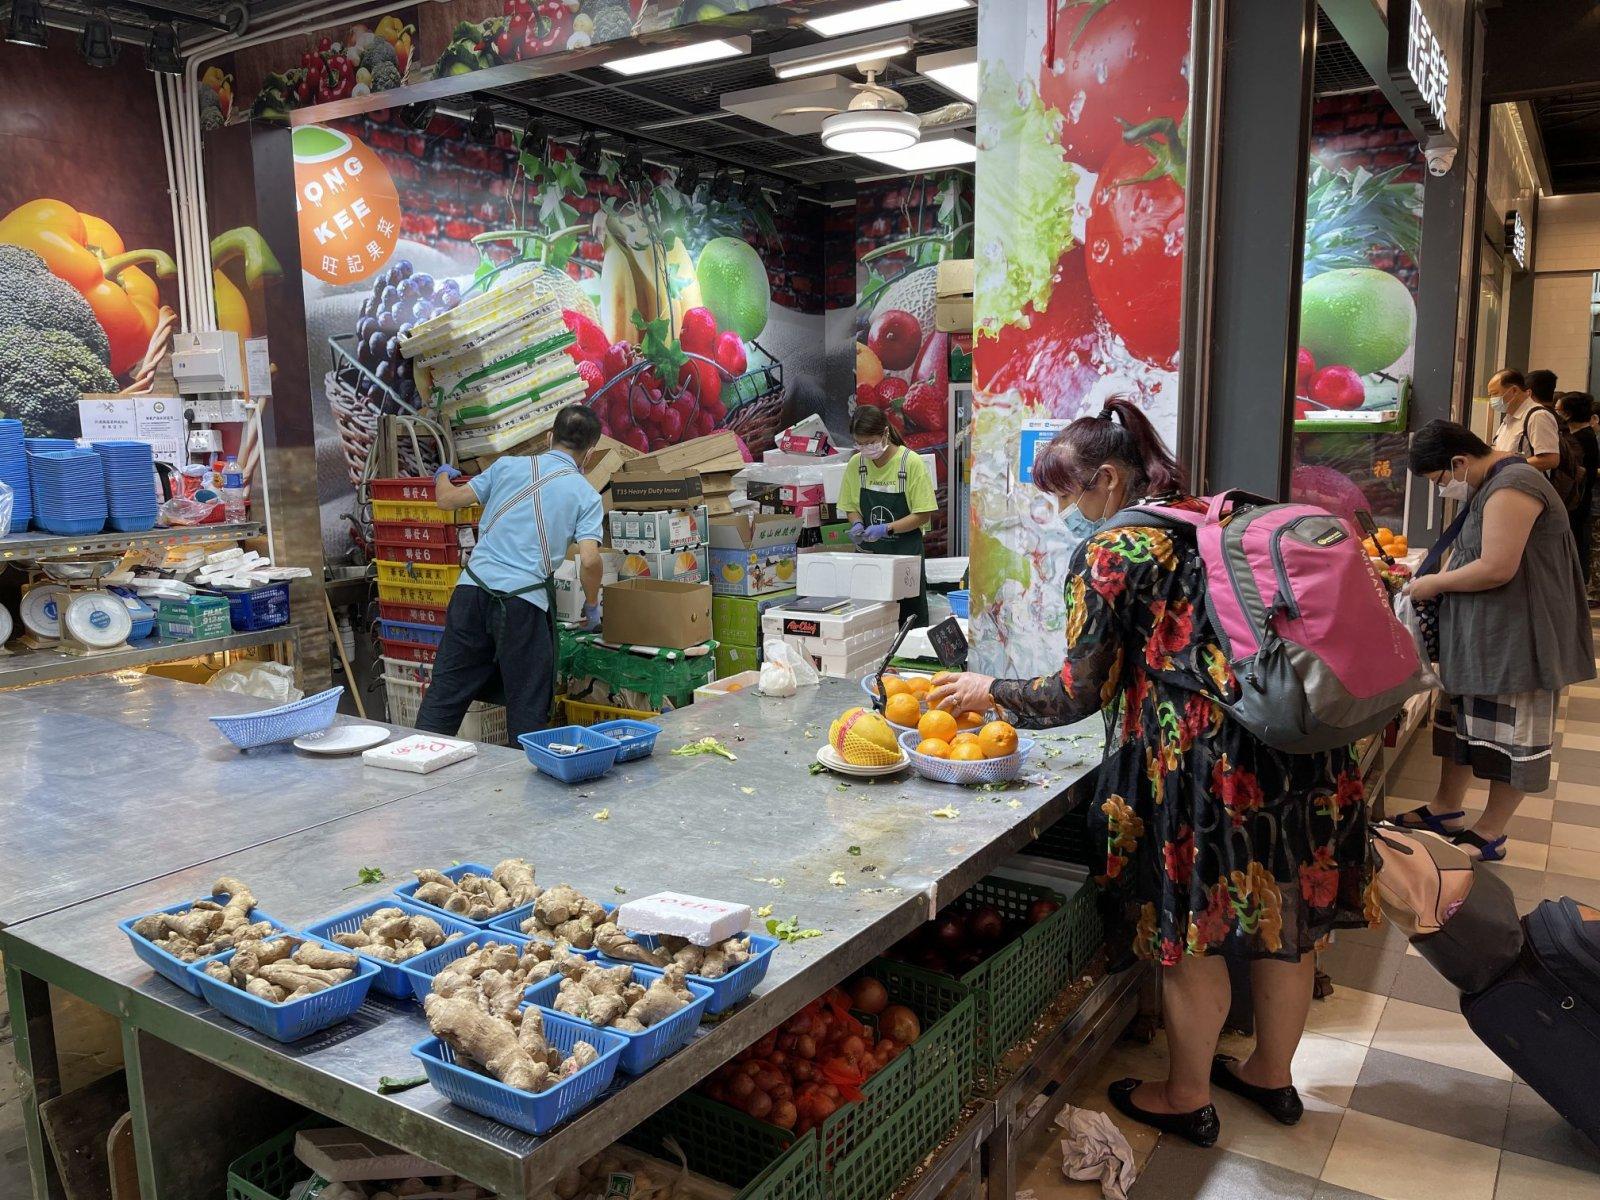 去得較晚的街坊,只剩下為數不多的食材可供挑選。(大公文匯全媒體記者 李斯哲 攝)